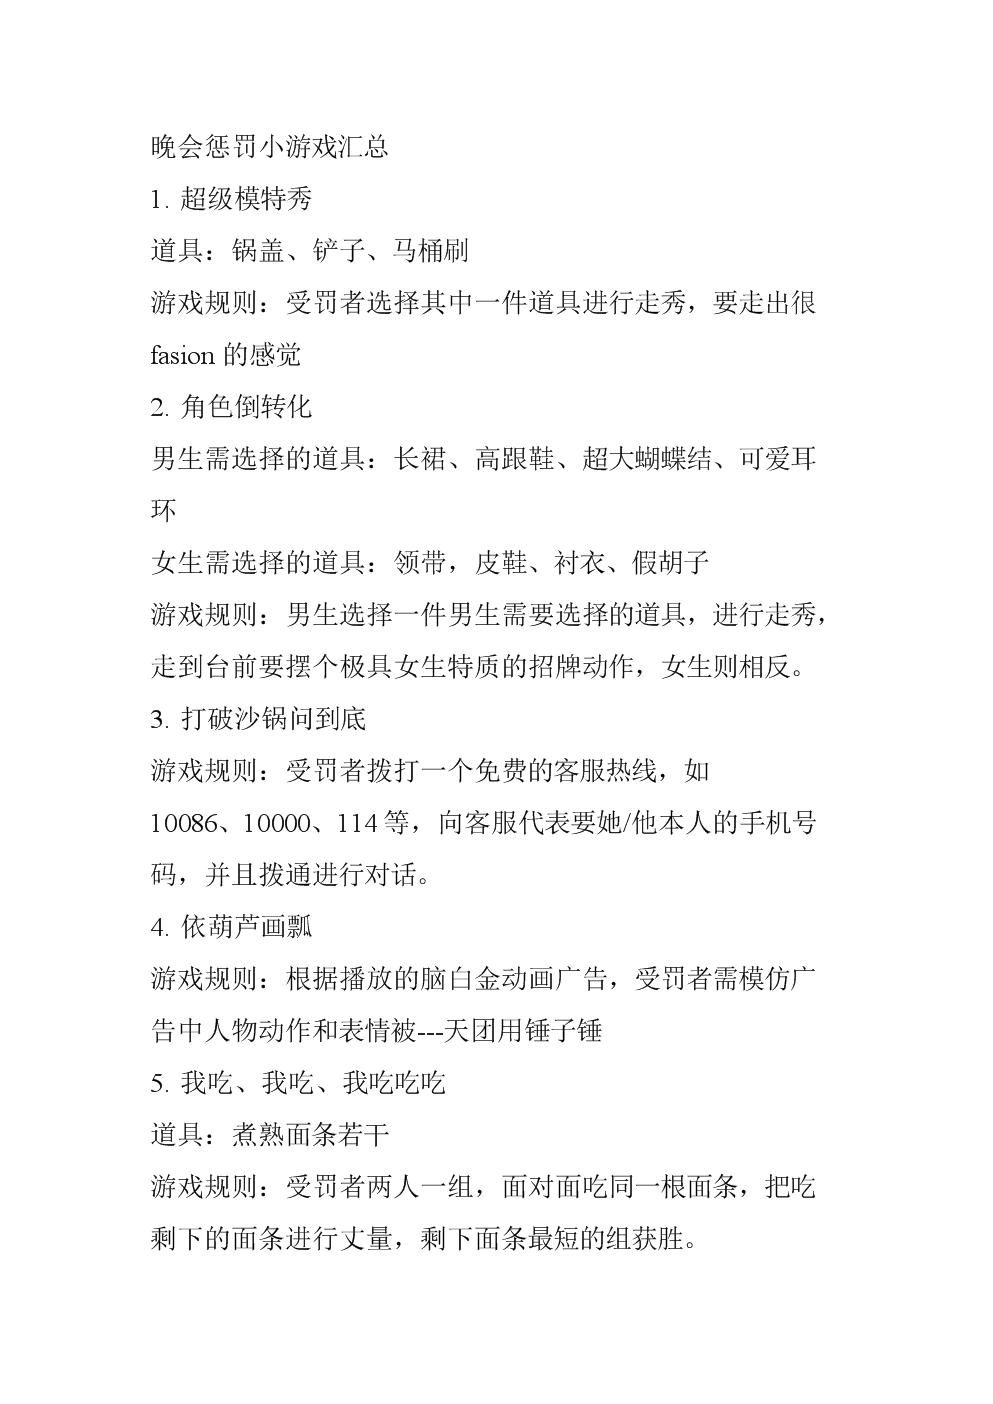 晚会惩罚小游戏汇总-有意思.doc